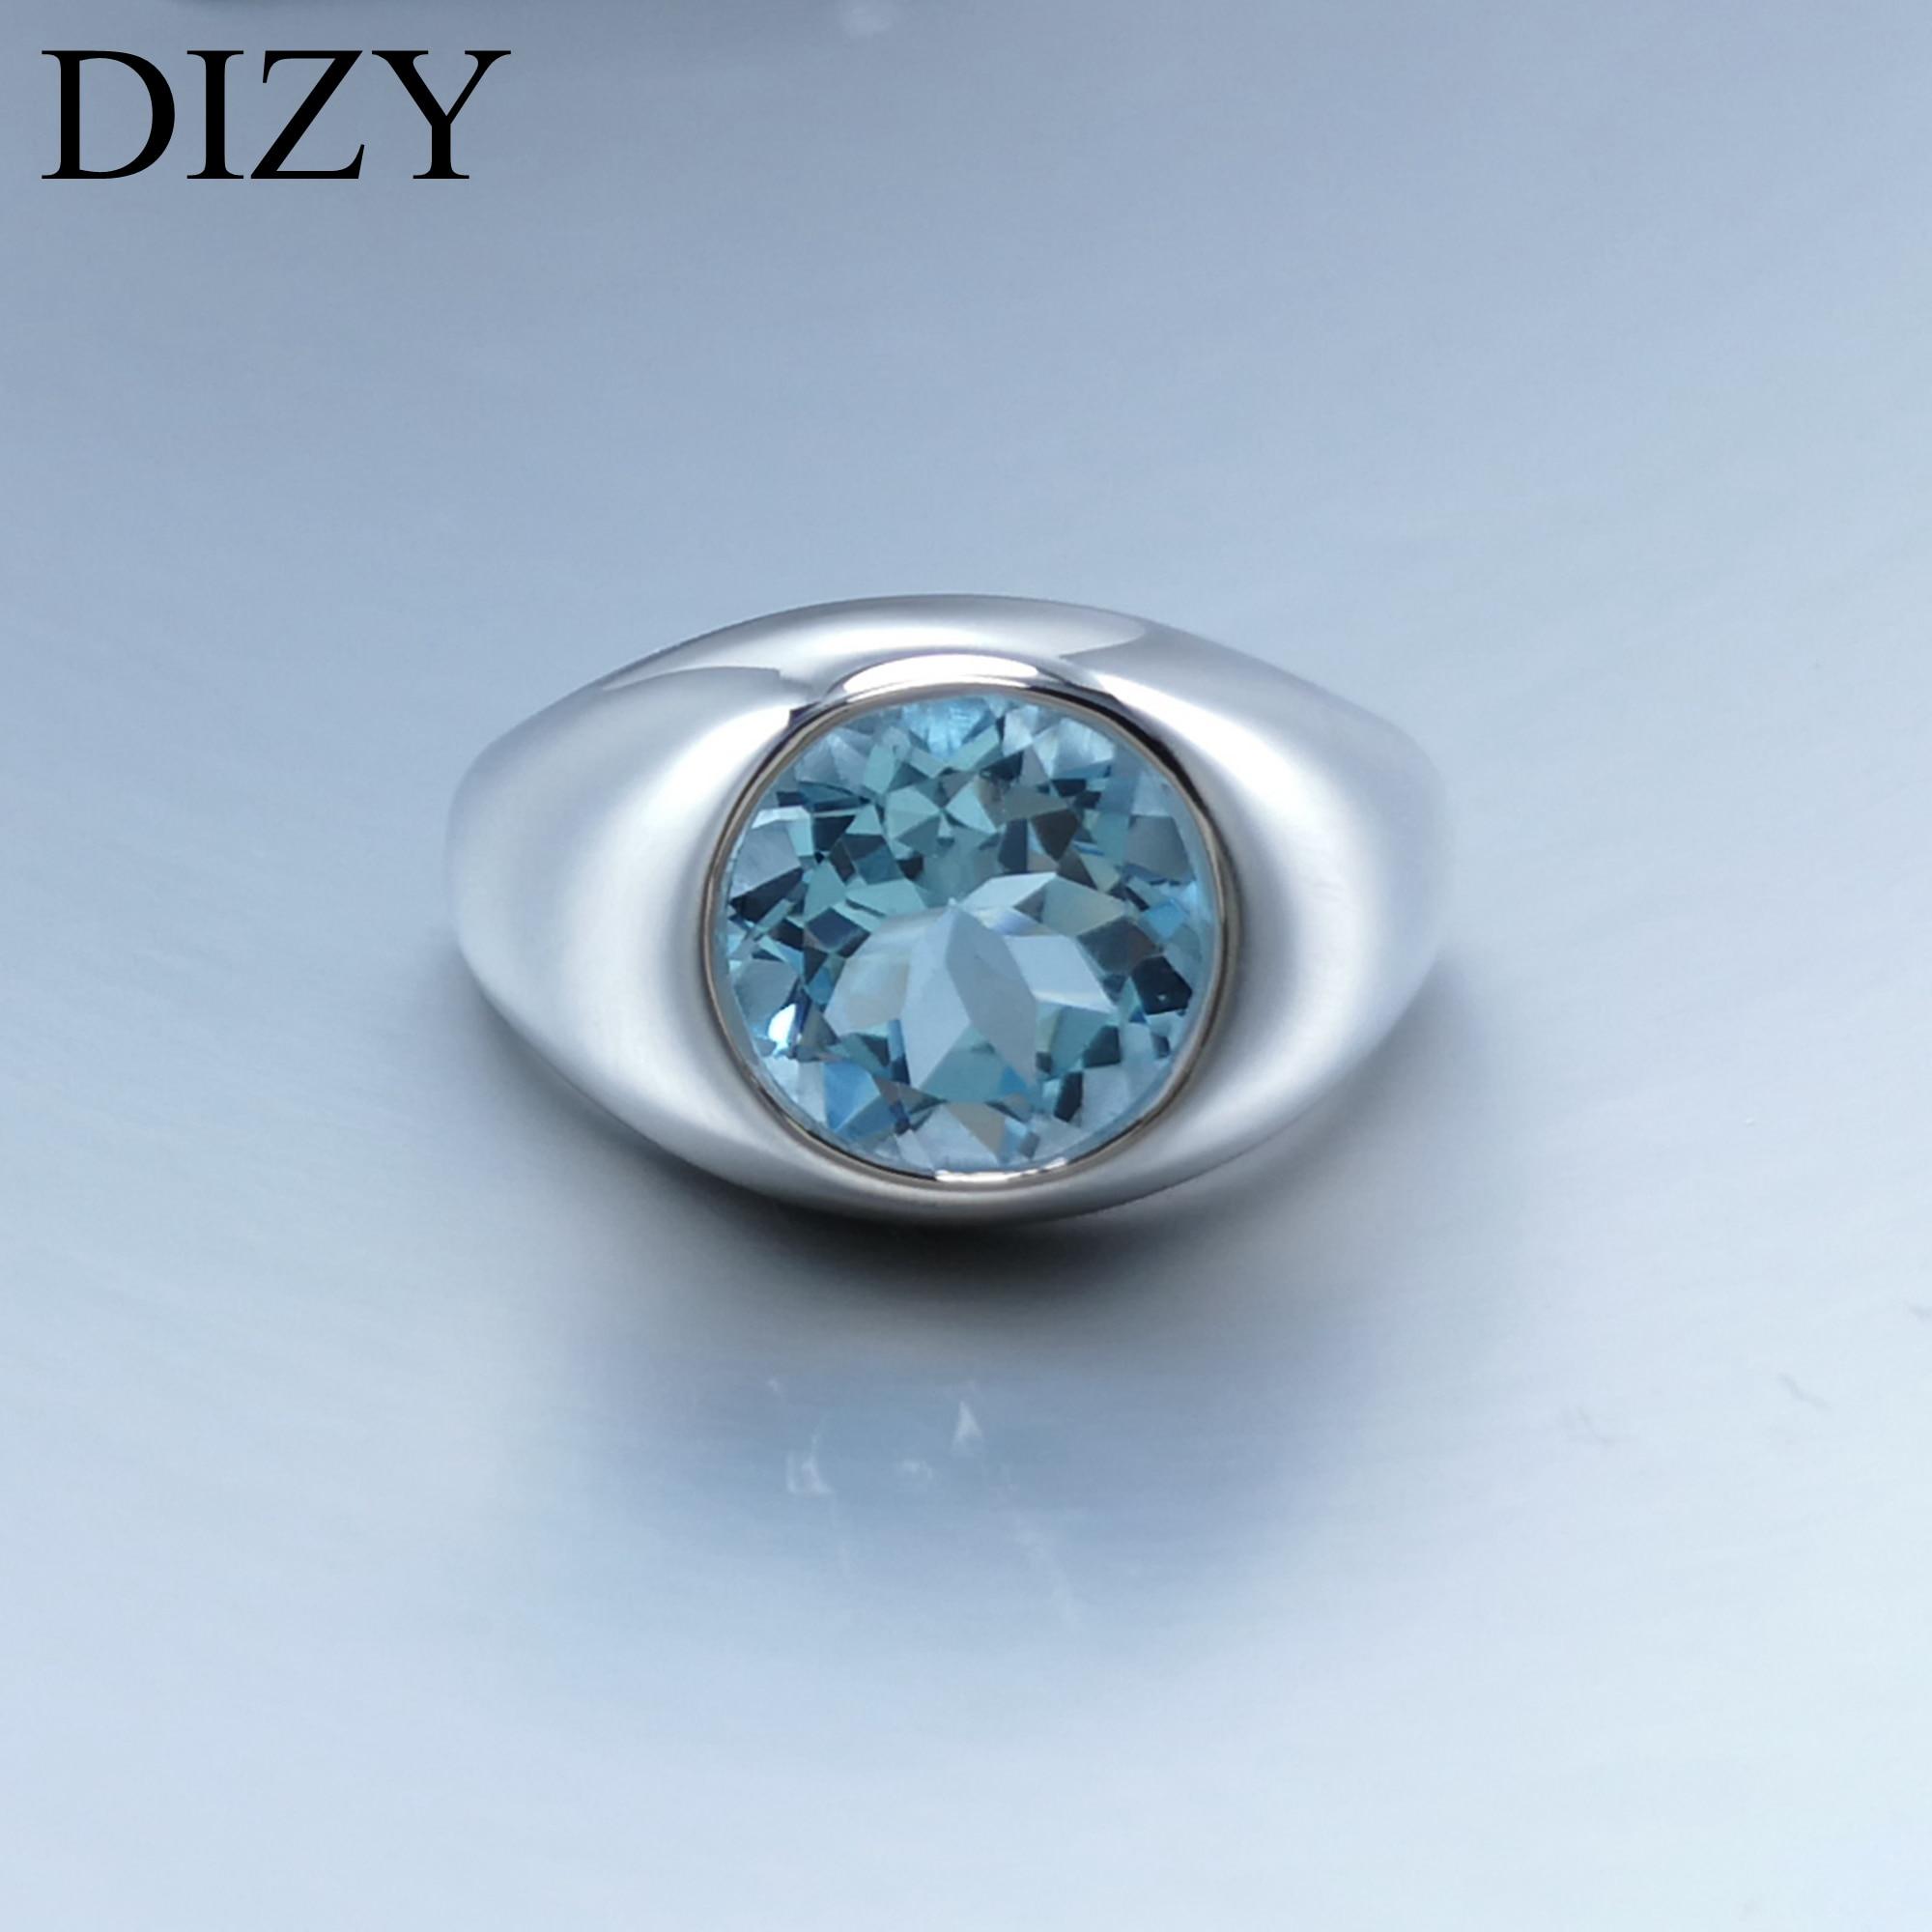 DIZY rond 4.5CT naturel bleu ciel bague topaze 925 en argent Sterling bague de pierres précieuses pour les femmes cadeau de mariage bijoux de fiançailles